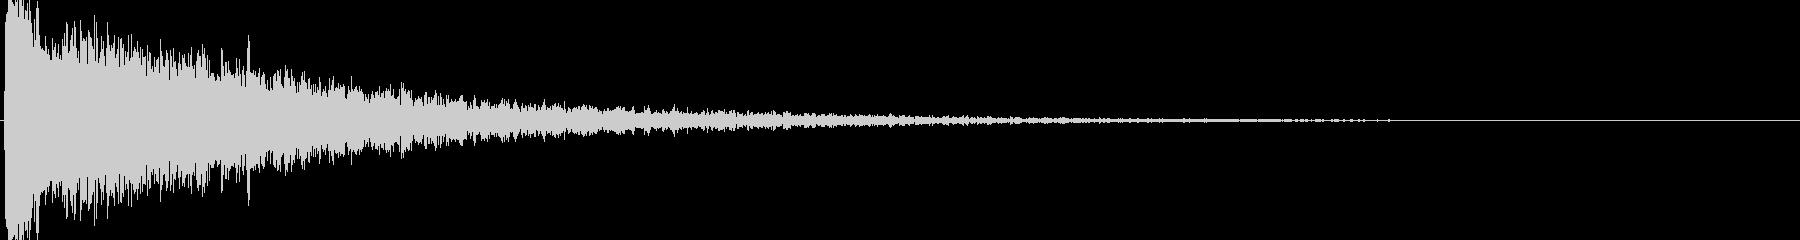 ドーン 爆発音2の未再生の波形